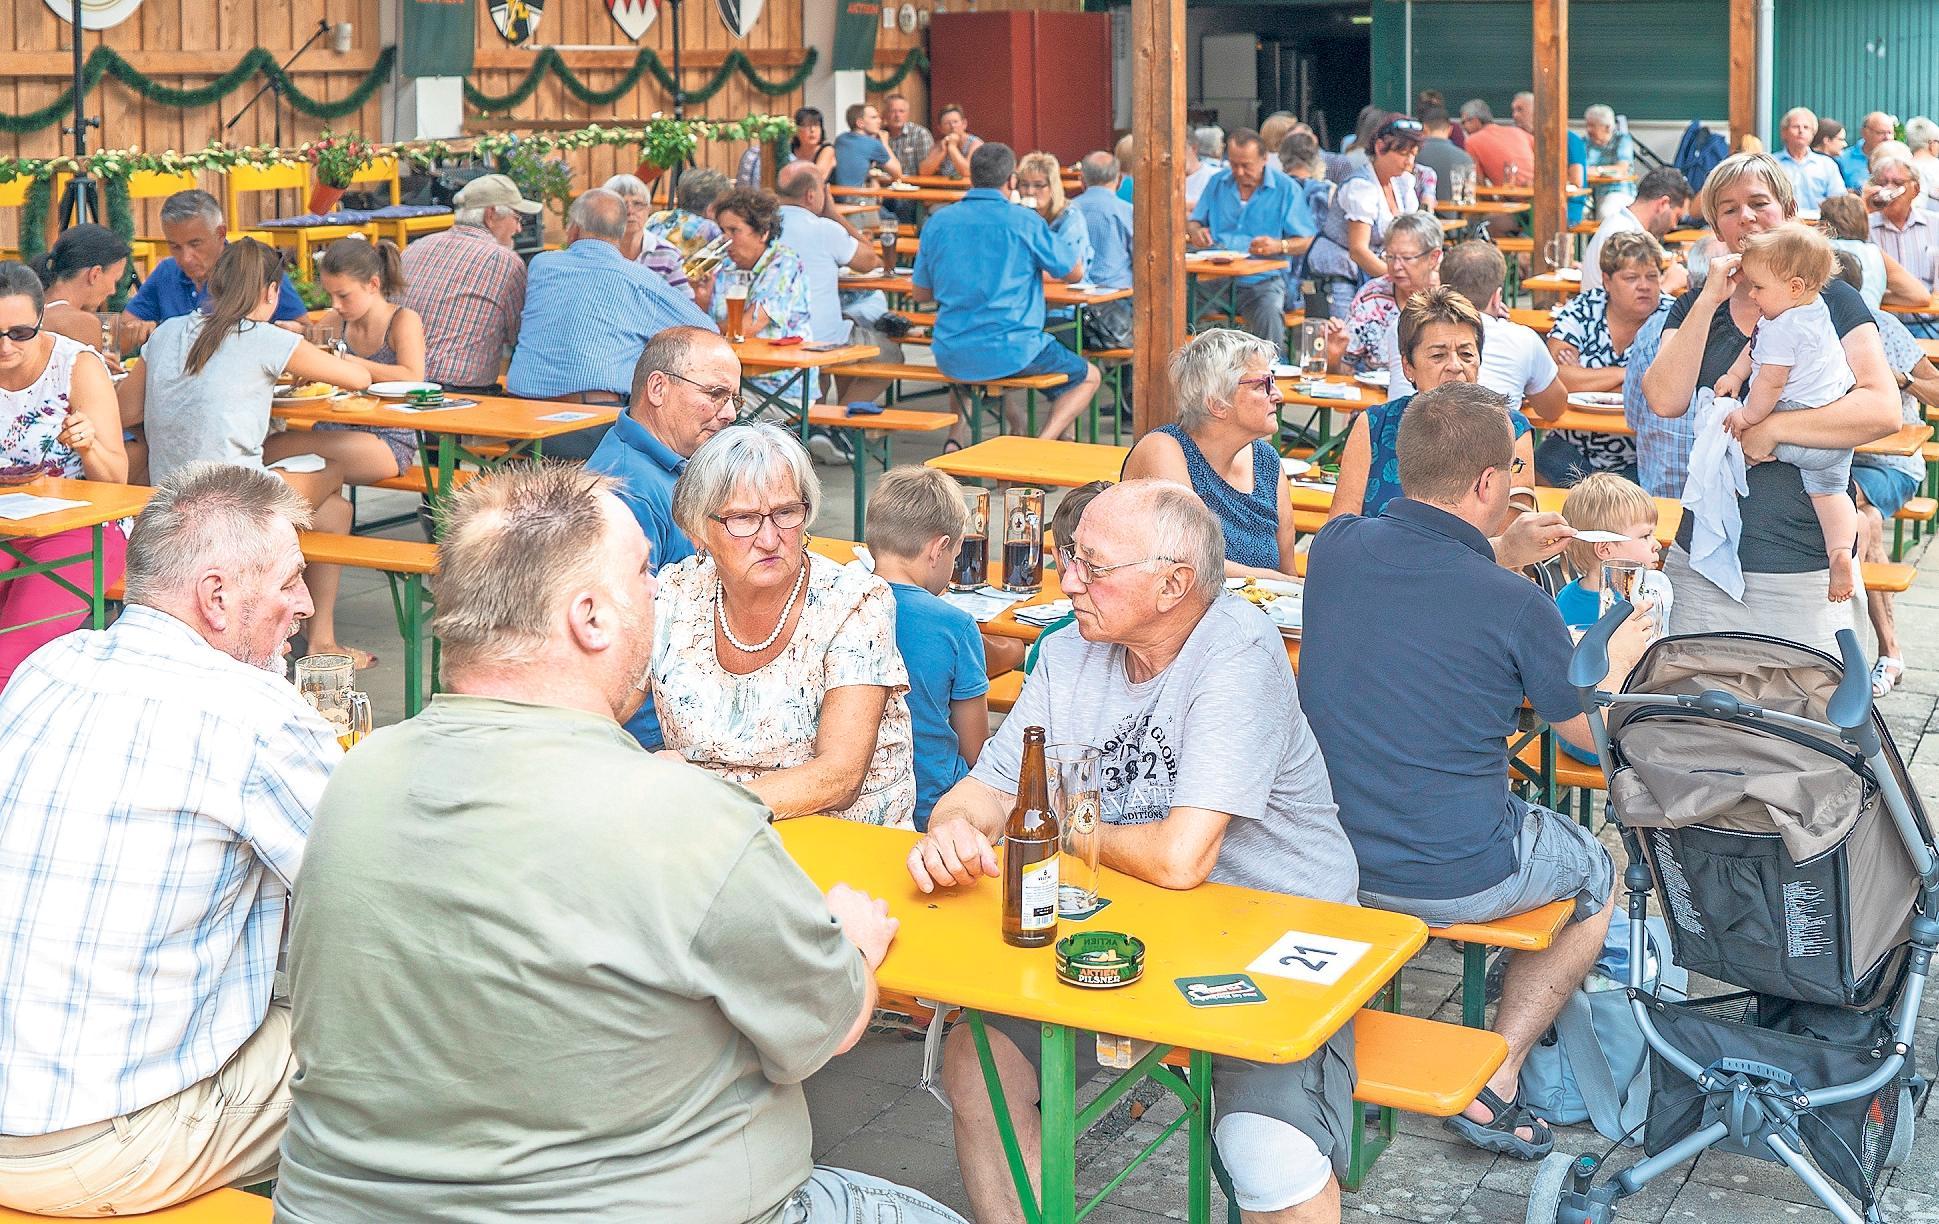 In dem überdachten Biergarten des Reservistenheims lässt es sich an den fünf Kerwatagen gut feiern. Foto: Andreas Harbach